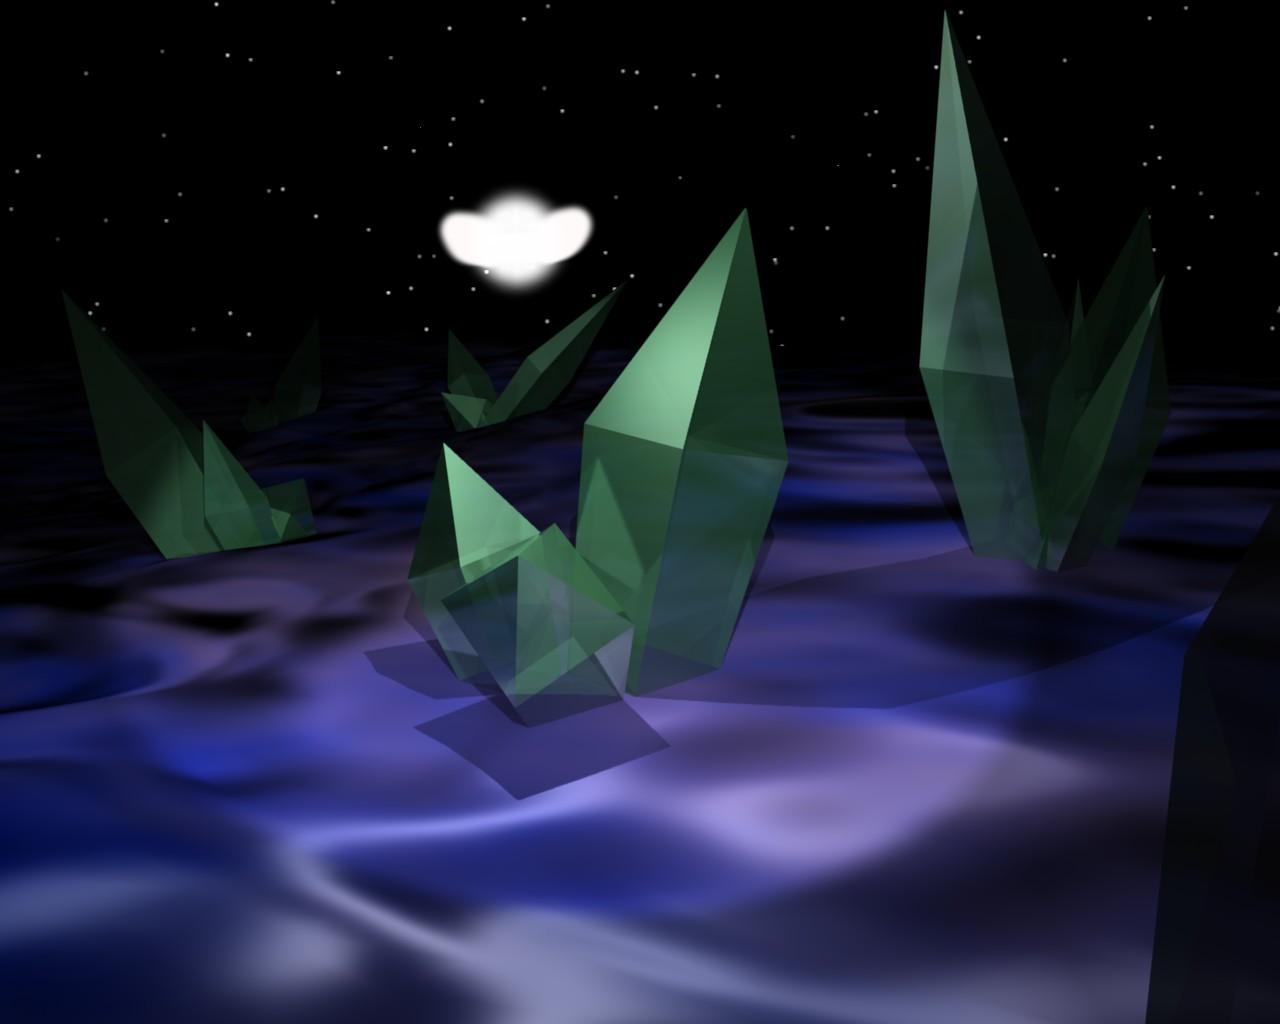 Alien Crystal Field